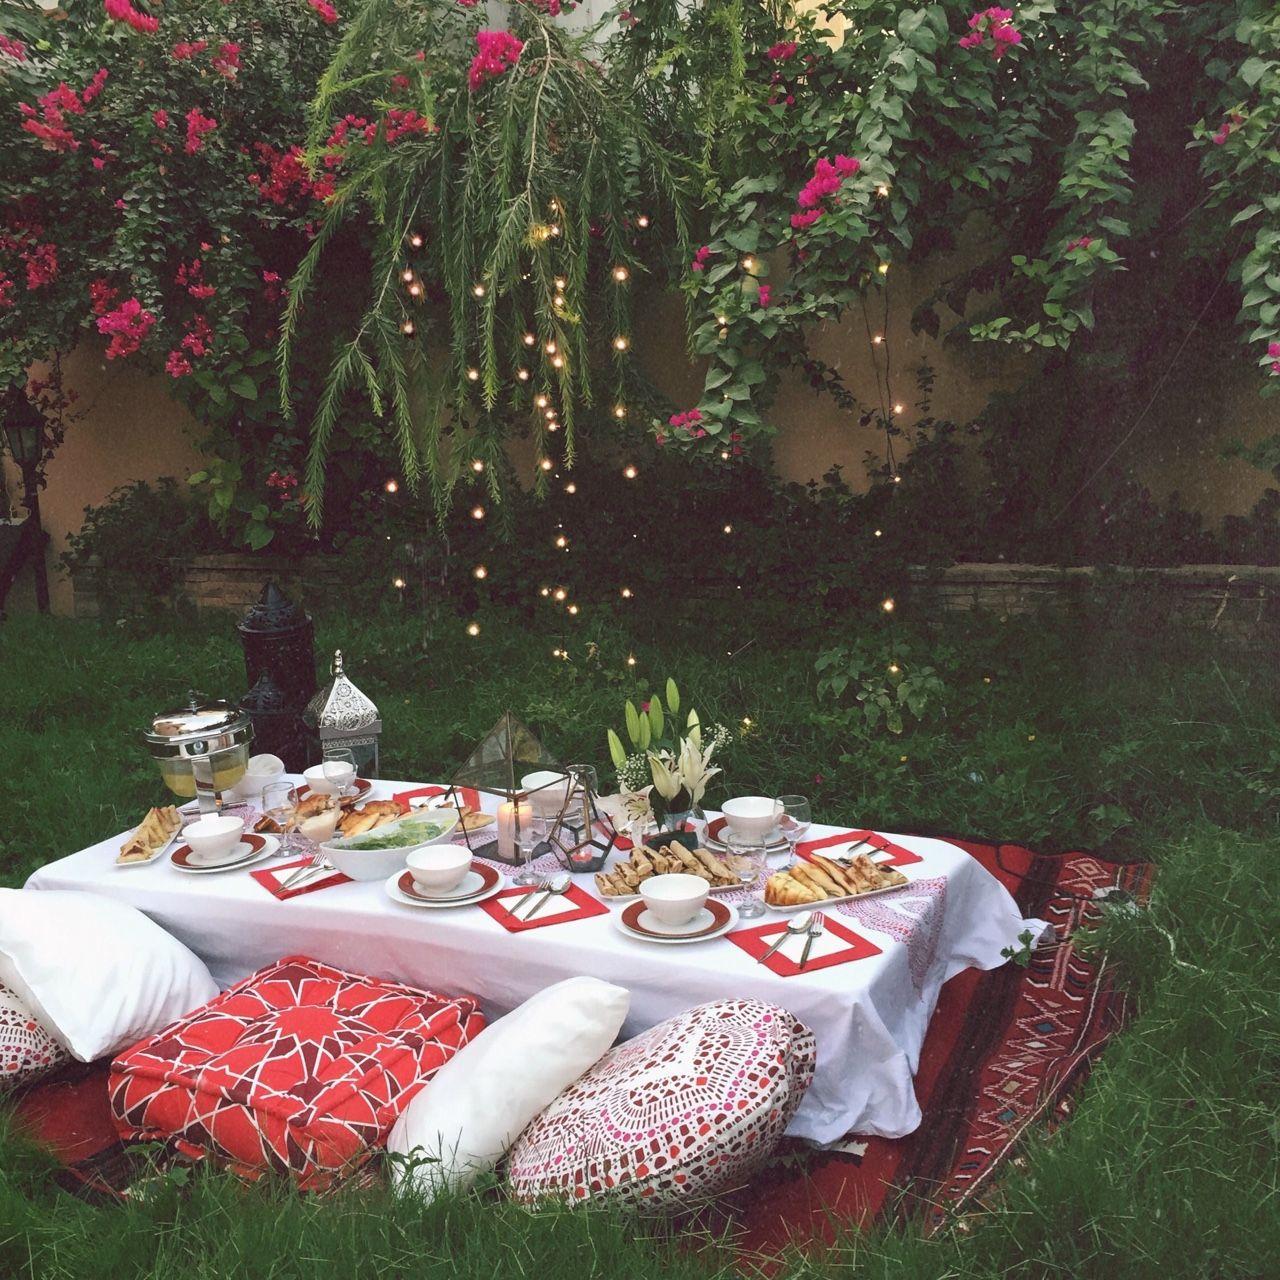 mit paletten celebrations pinterest party garten und deko. Black Bedroom Furniture Sets. Home Design Ideas